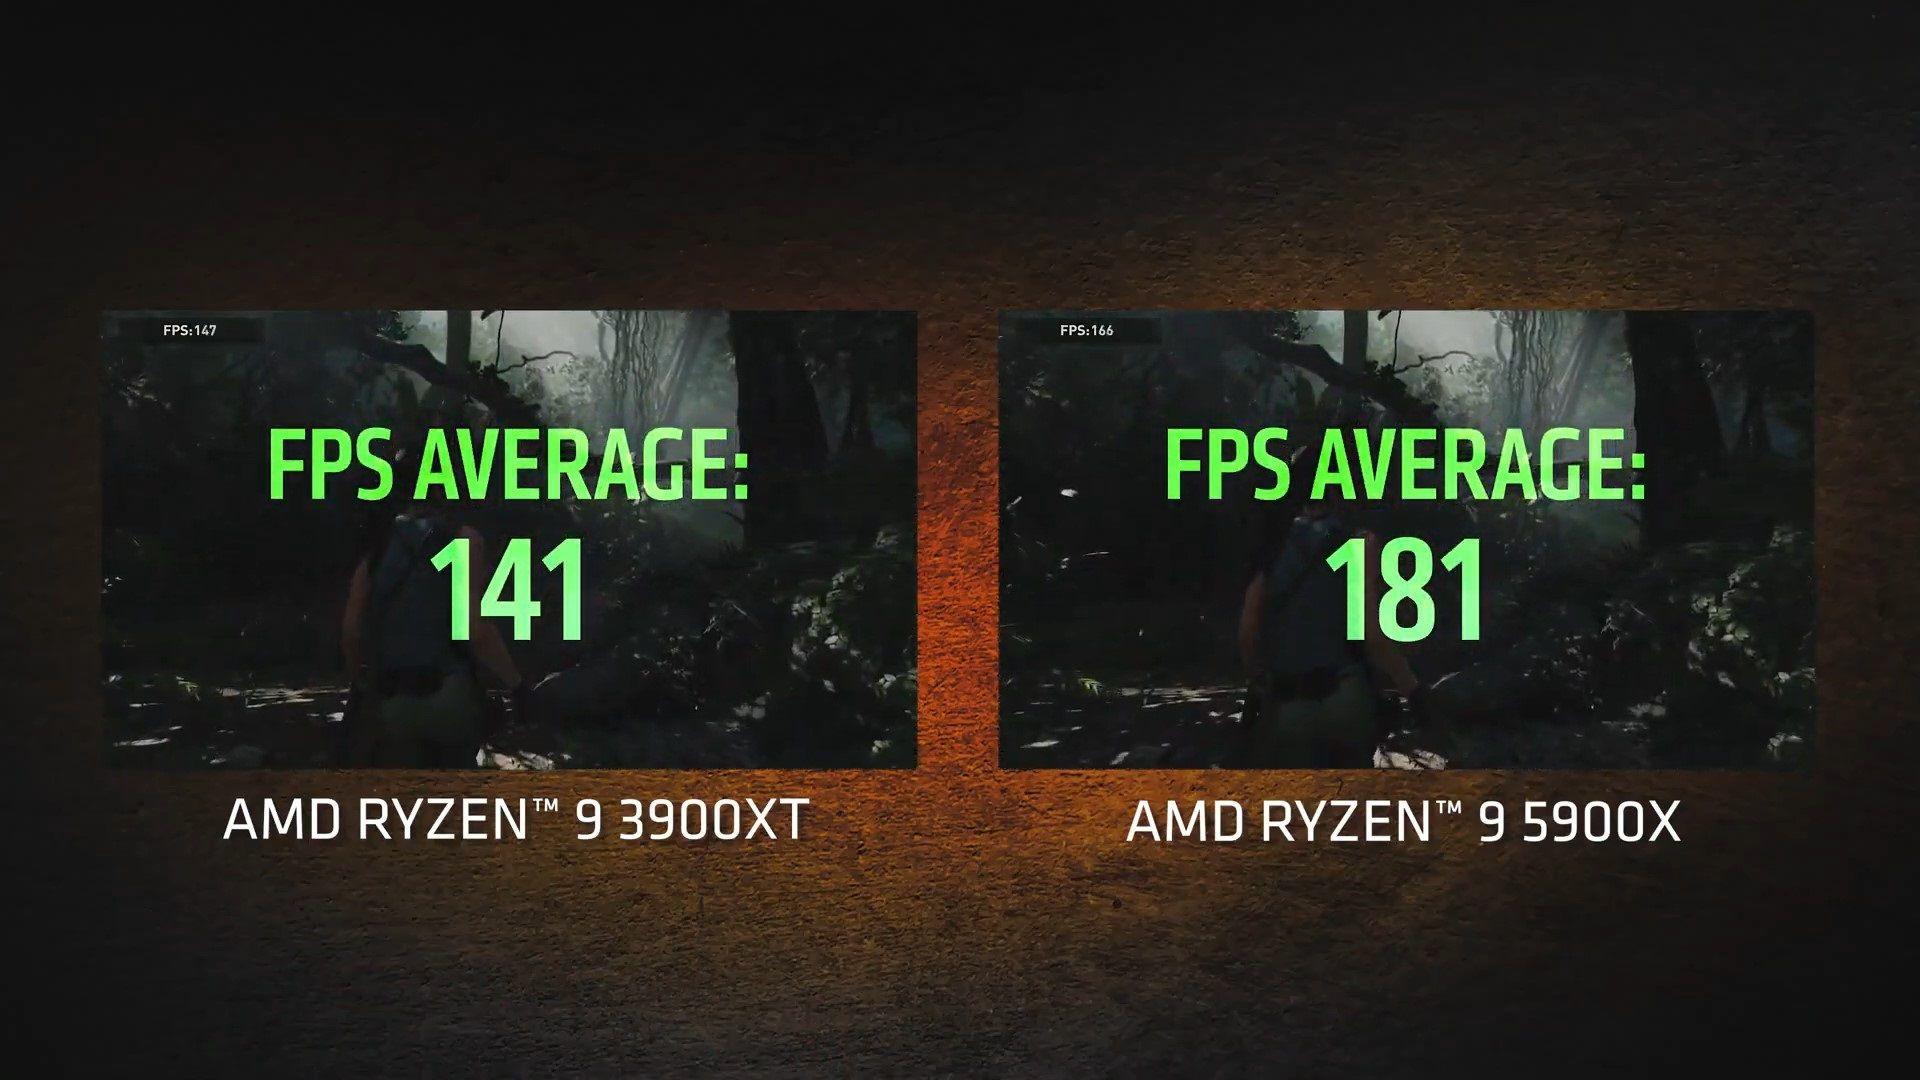 Виждаме разликата в производителността, спрямо предходния флагман на AMD